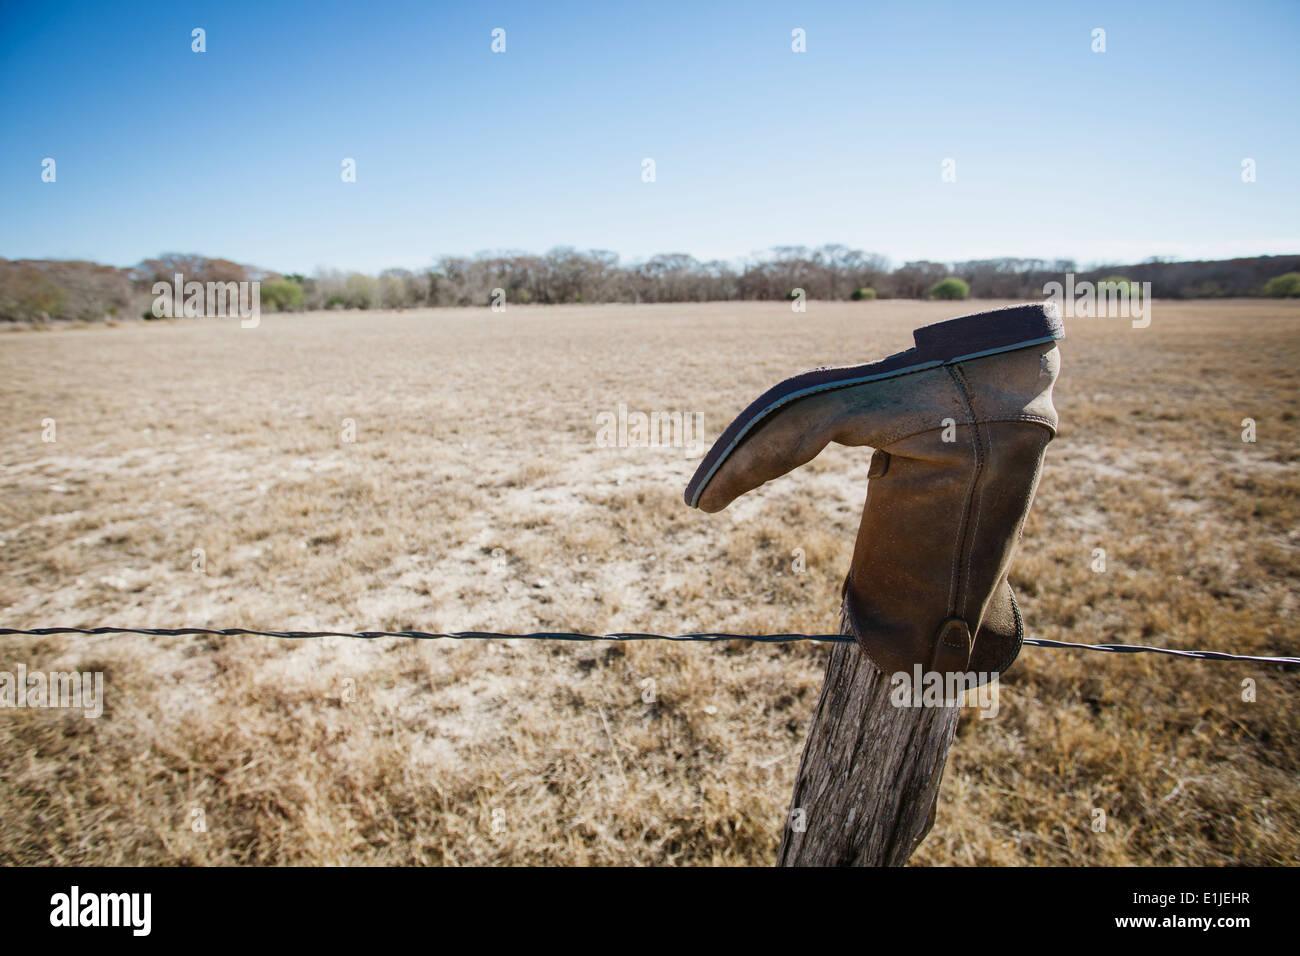 Verlassene Boot auf Zaunpfahl, Texas, USA Stockbild